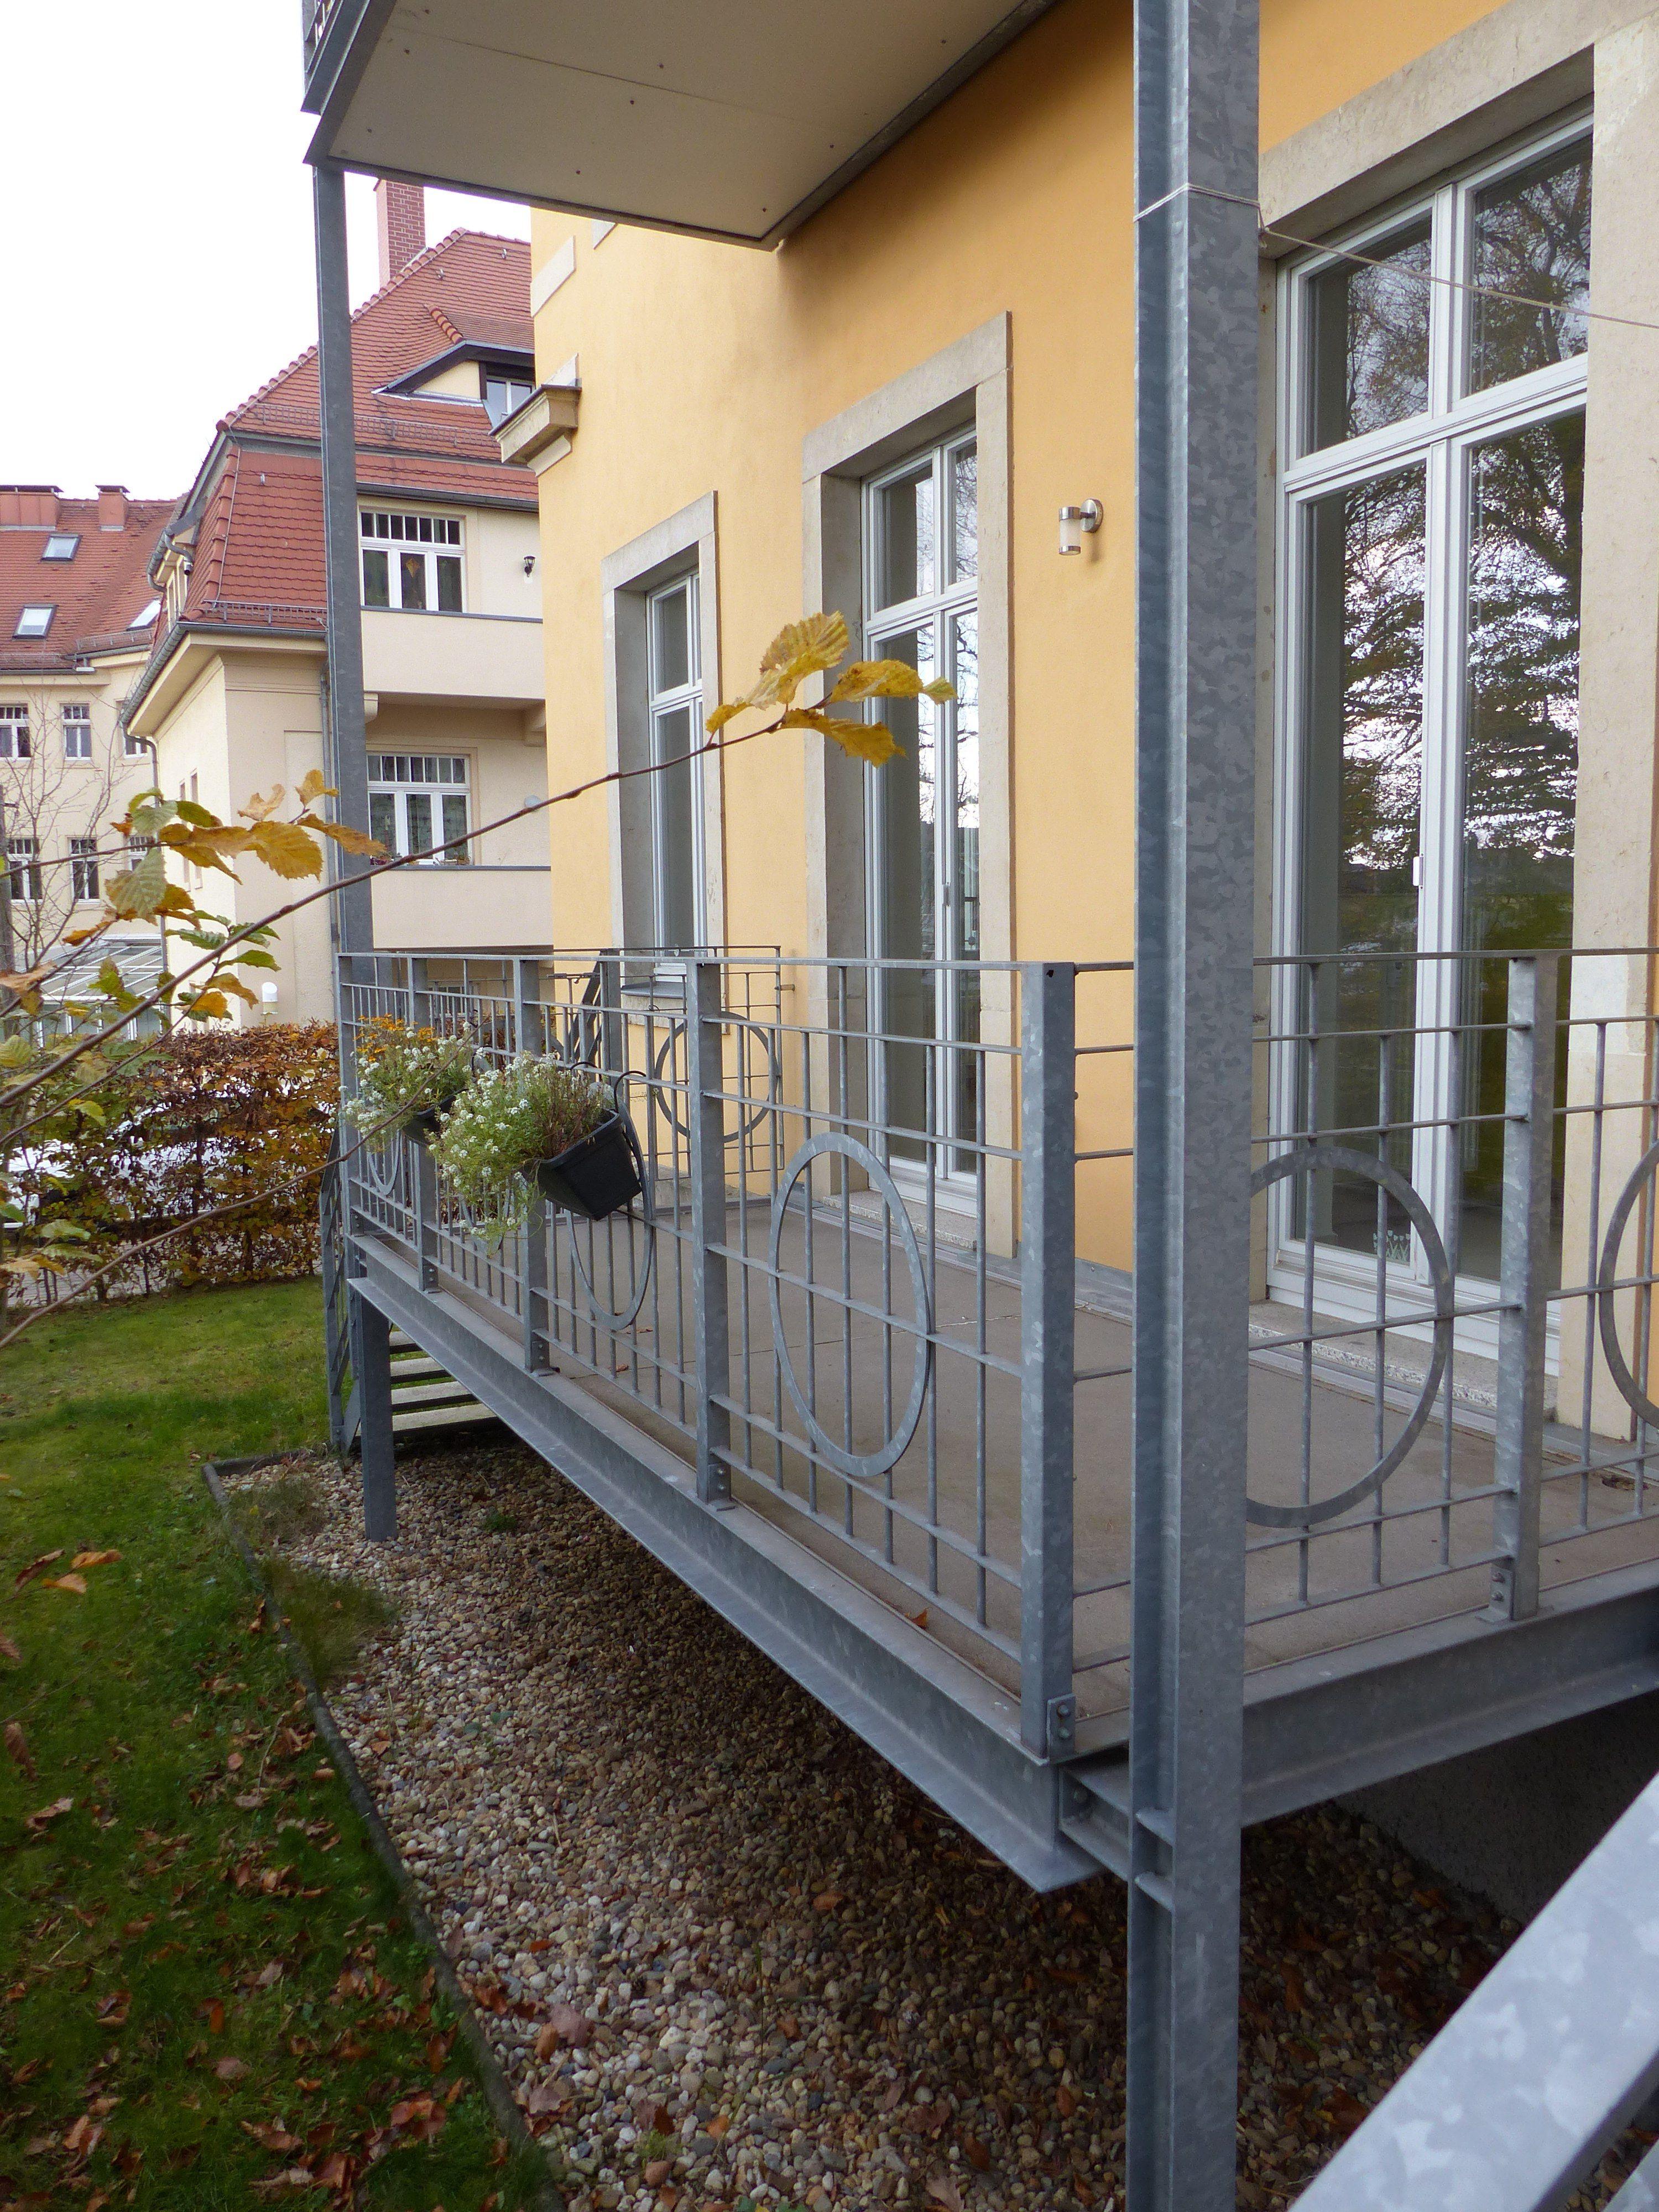 Wohnung Mit Garten Dresden Alles im Detail von Neu ...